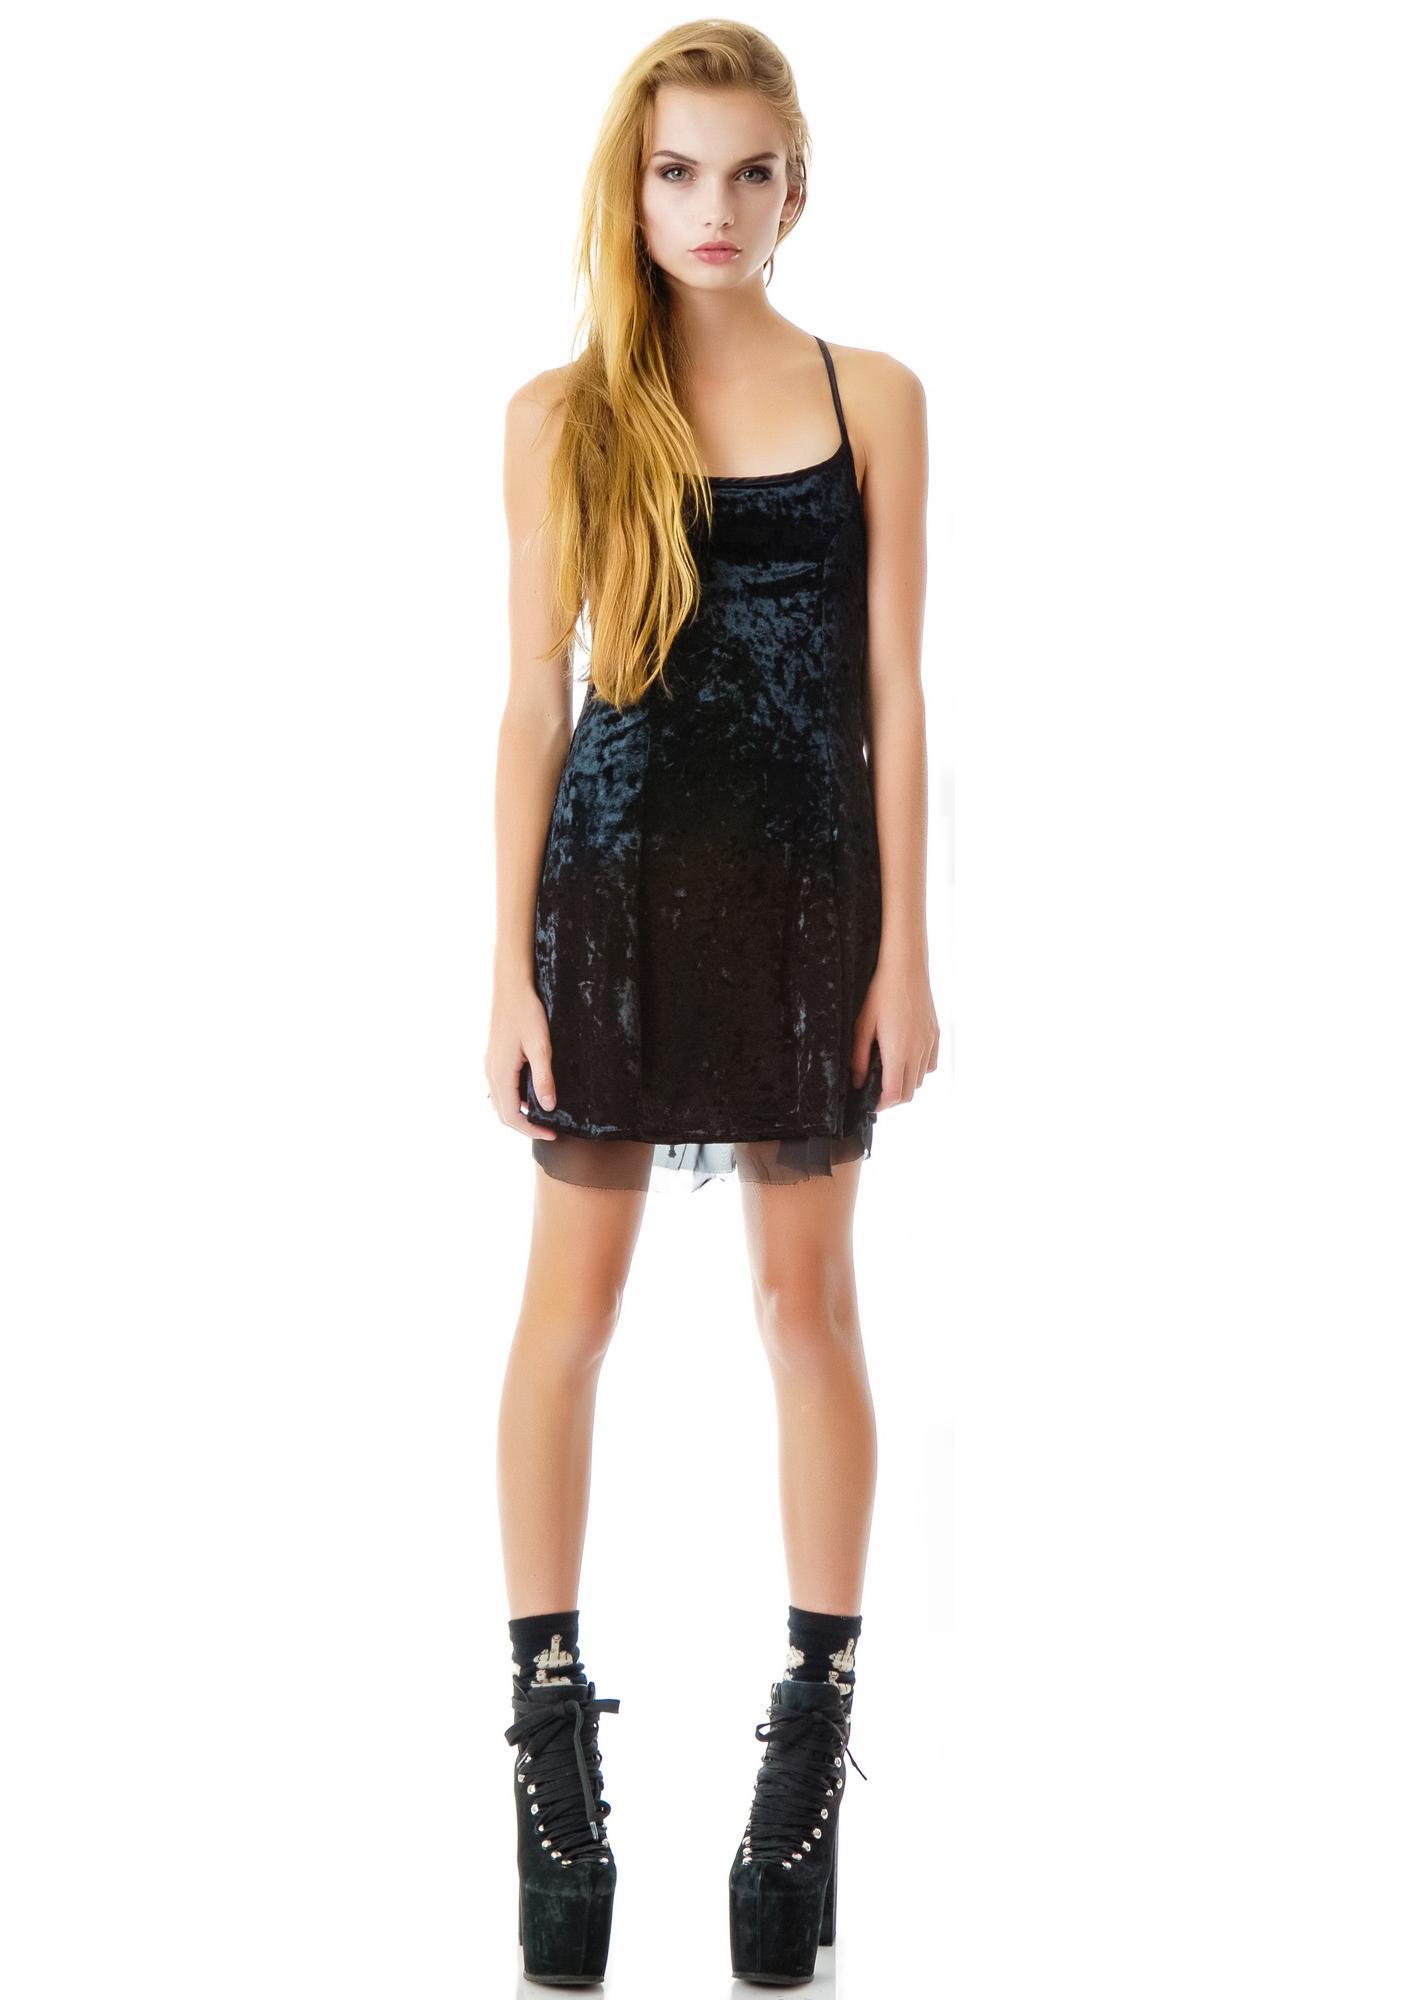 UNIF Pyre Dress